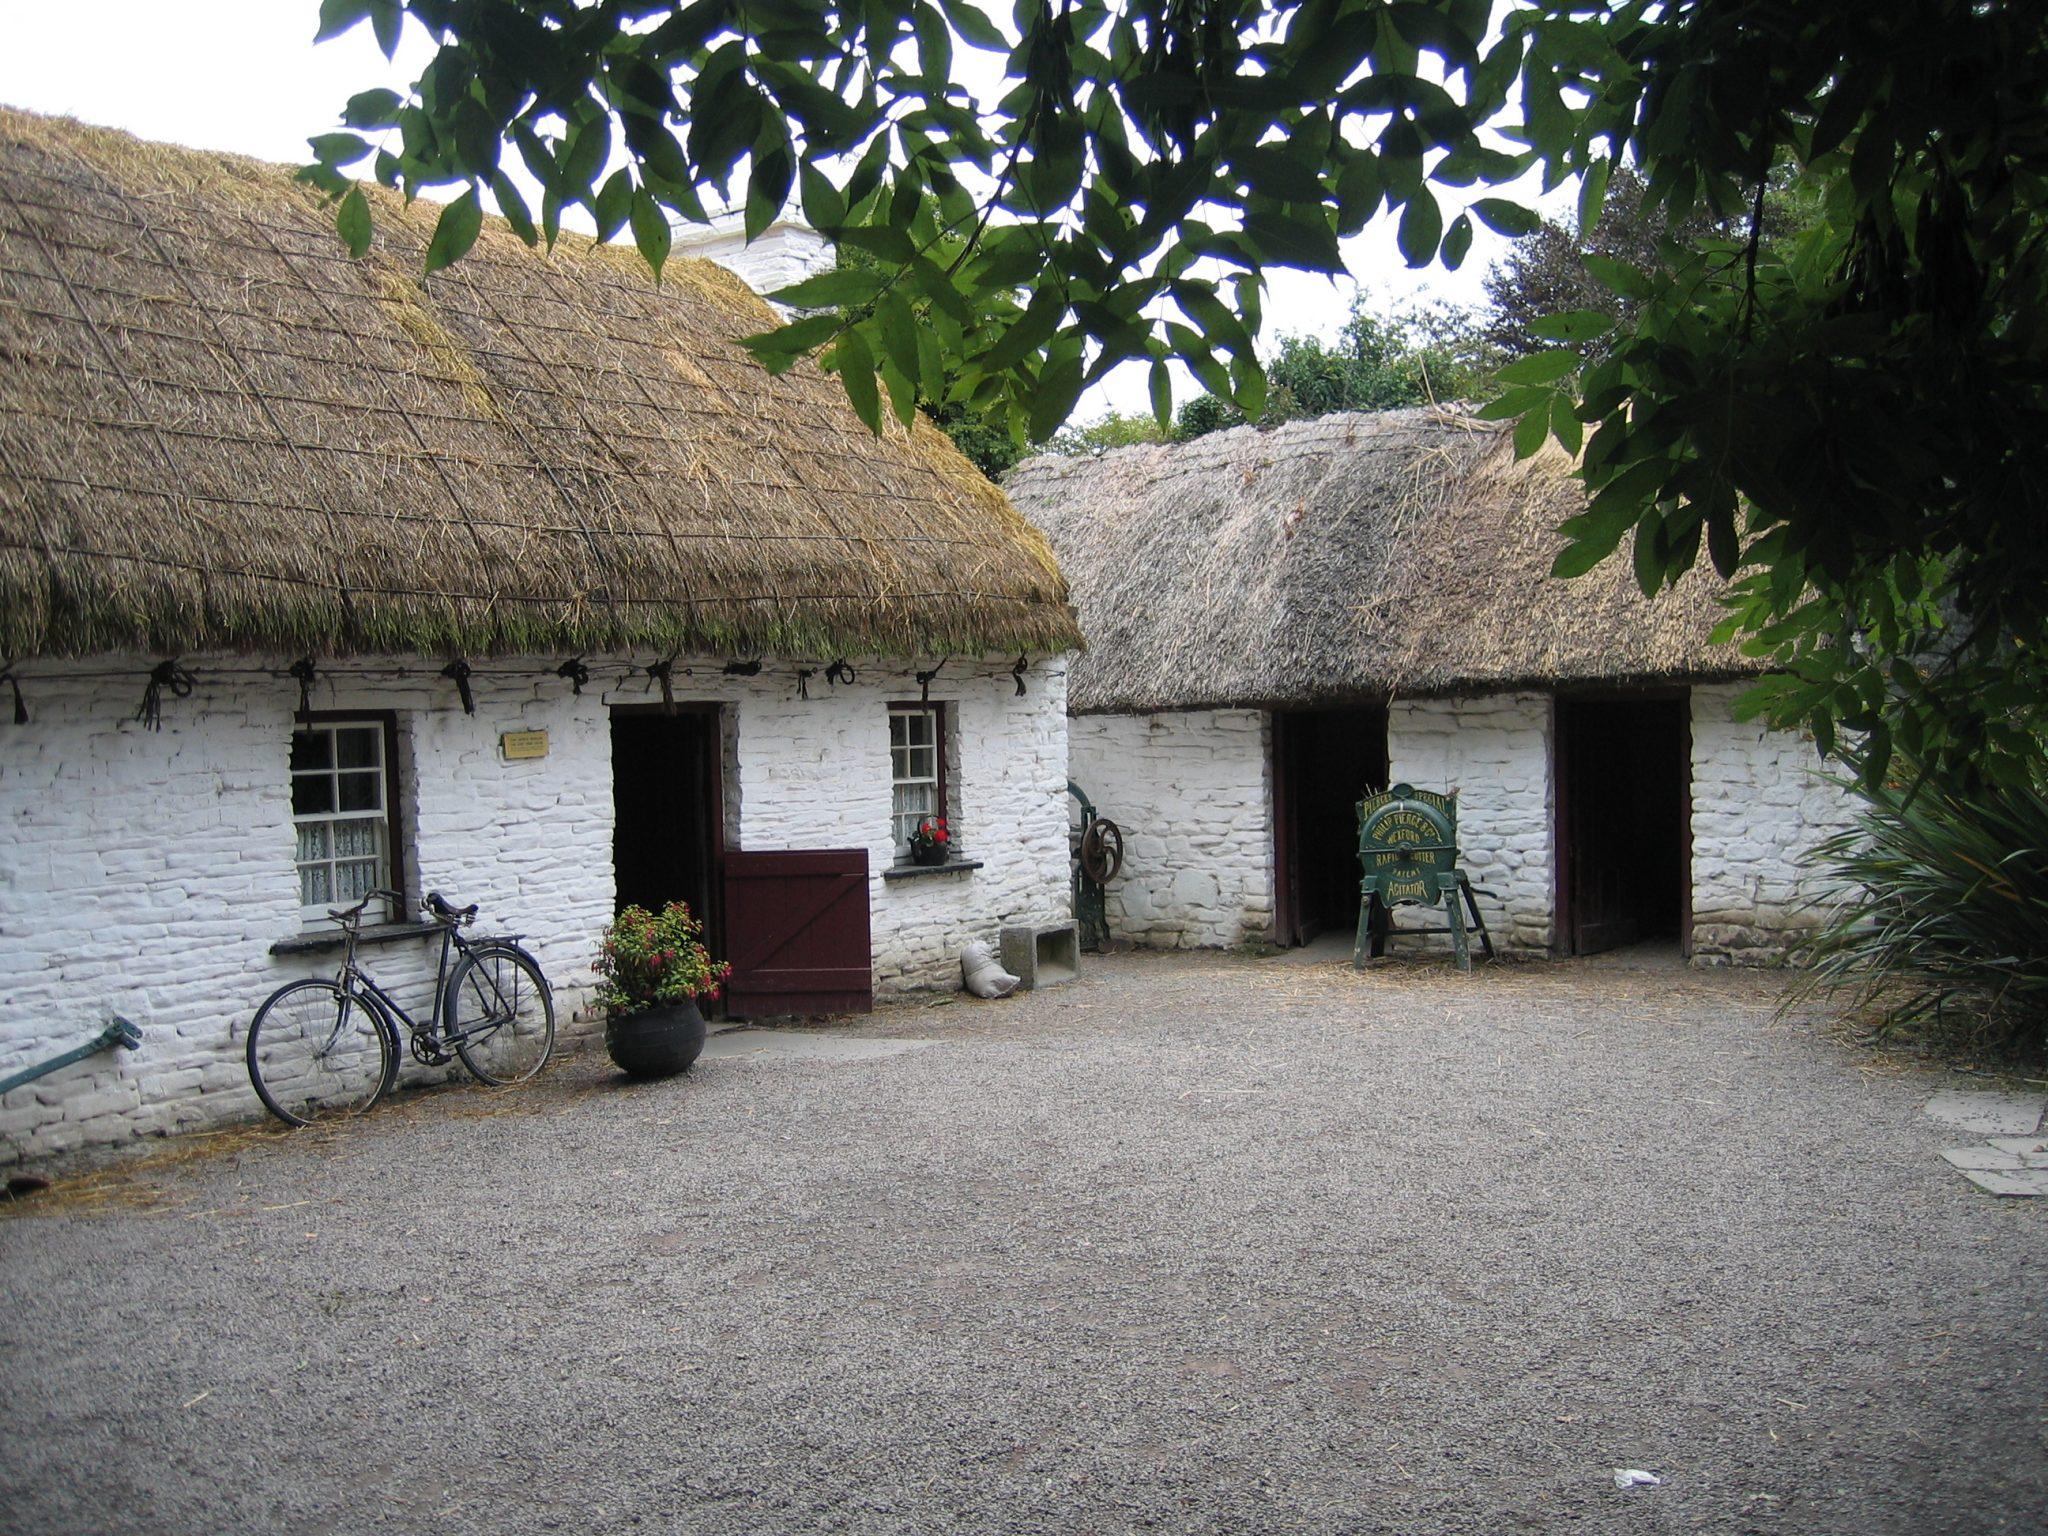 Dawno temu w Irlandii